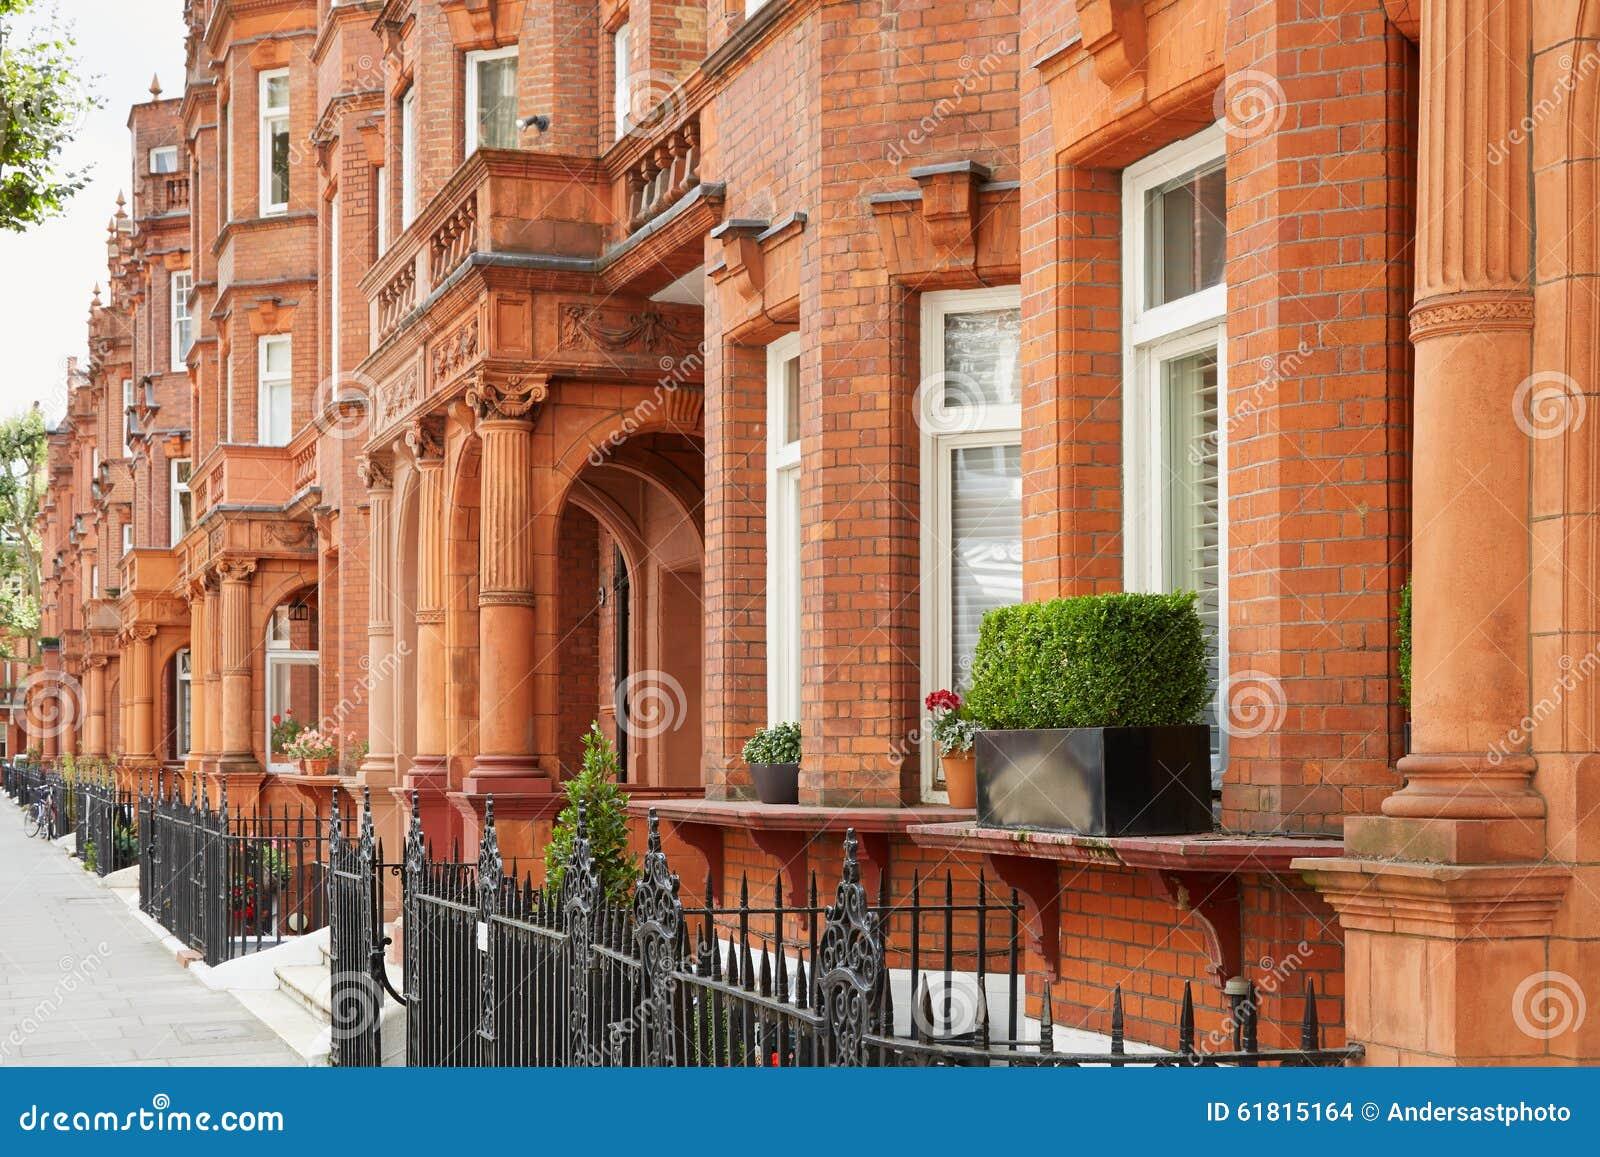 Case dei mattoni rossi a londra architettura inglese for Case architettura